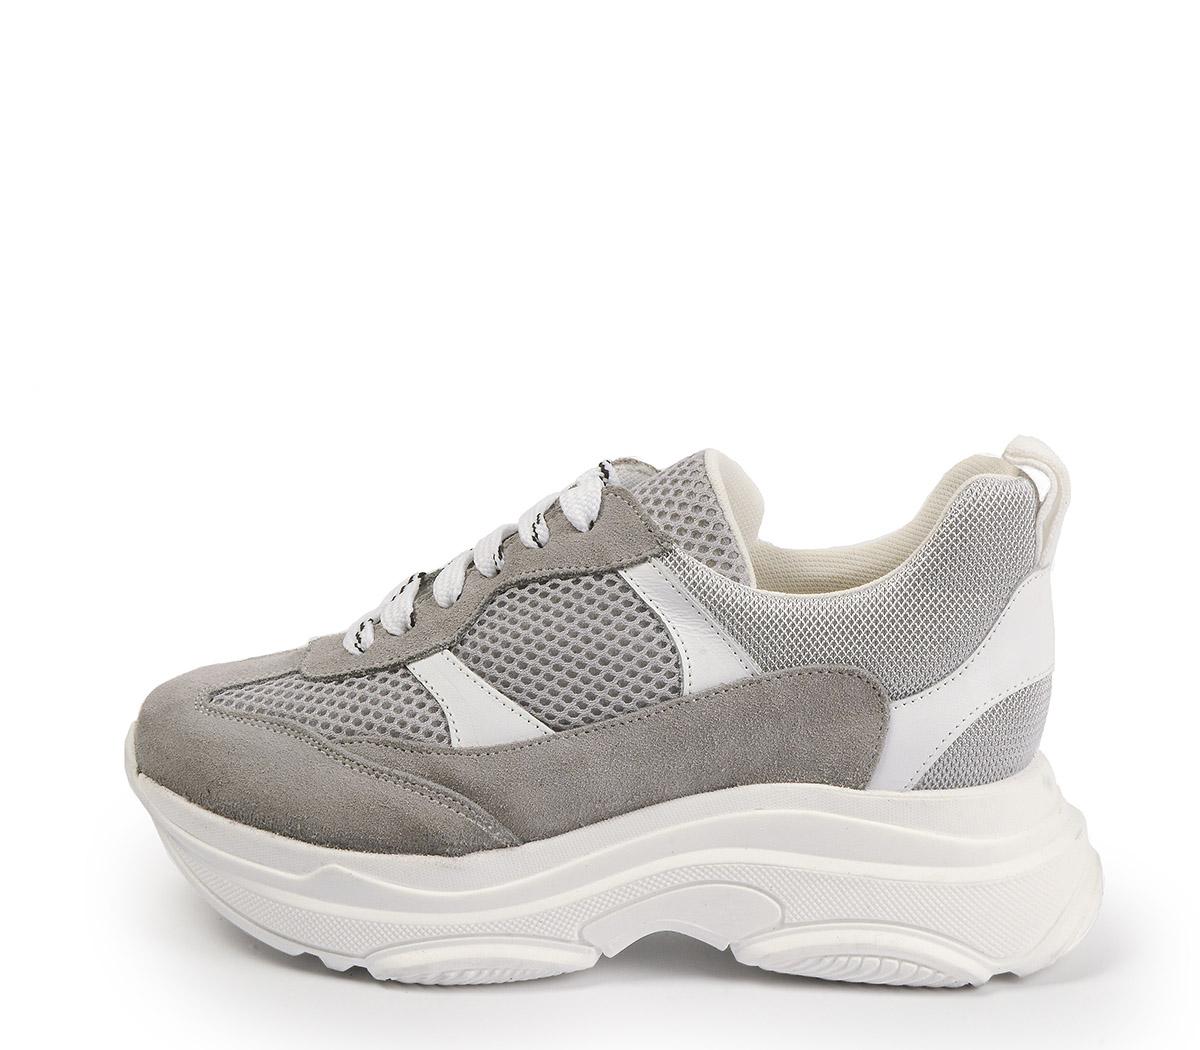 Ref. 4124 Sneaker serraje taupe combinado con tela y piel blanca. Altura plataforma trasera 5 cm y plataforma delantera 3 cm.